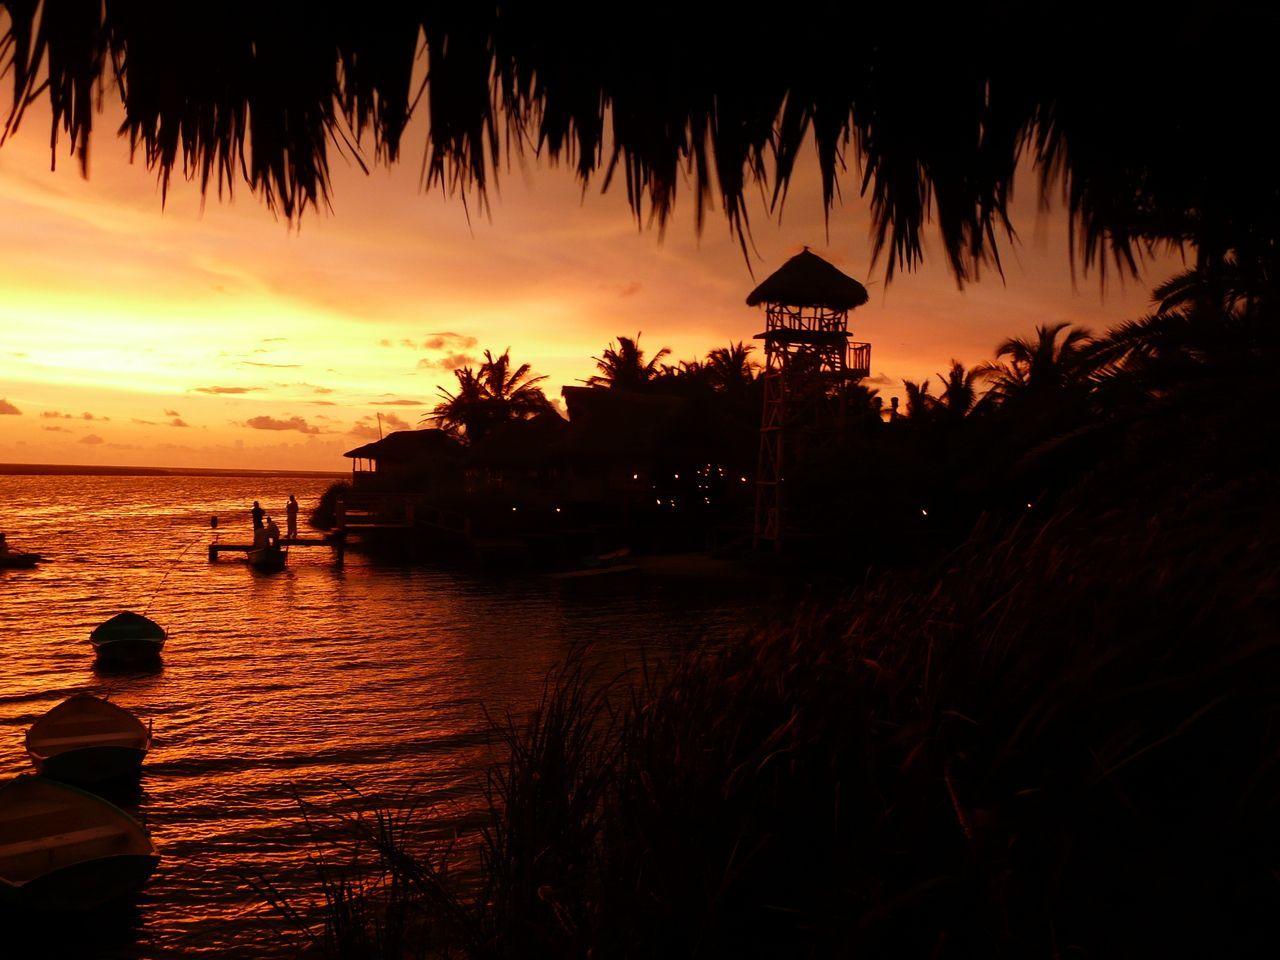 Paysage coucher de soleil - Photos coucher de soleil ...